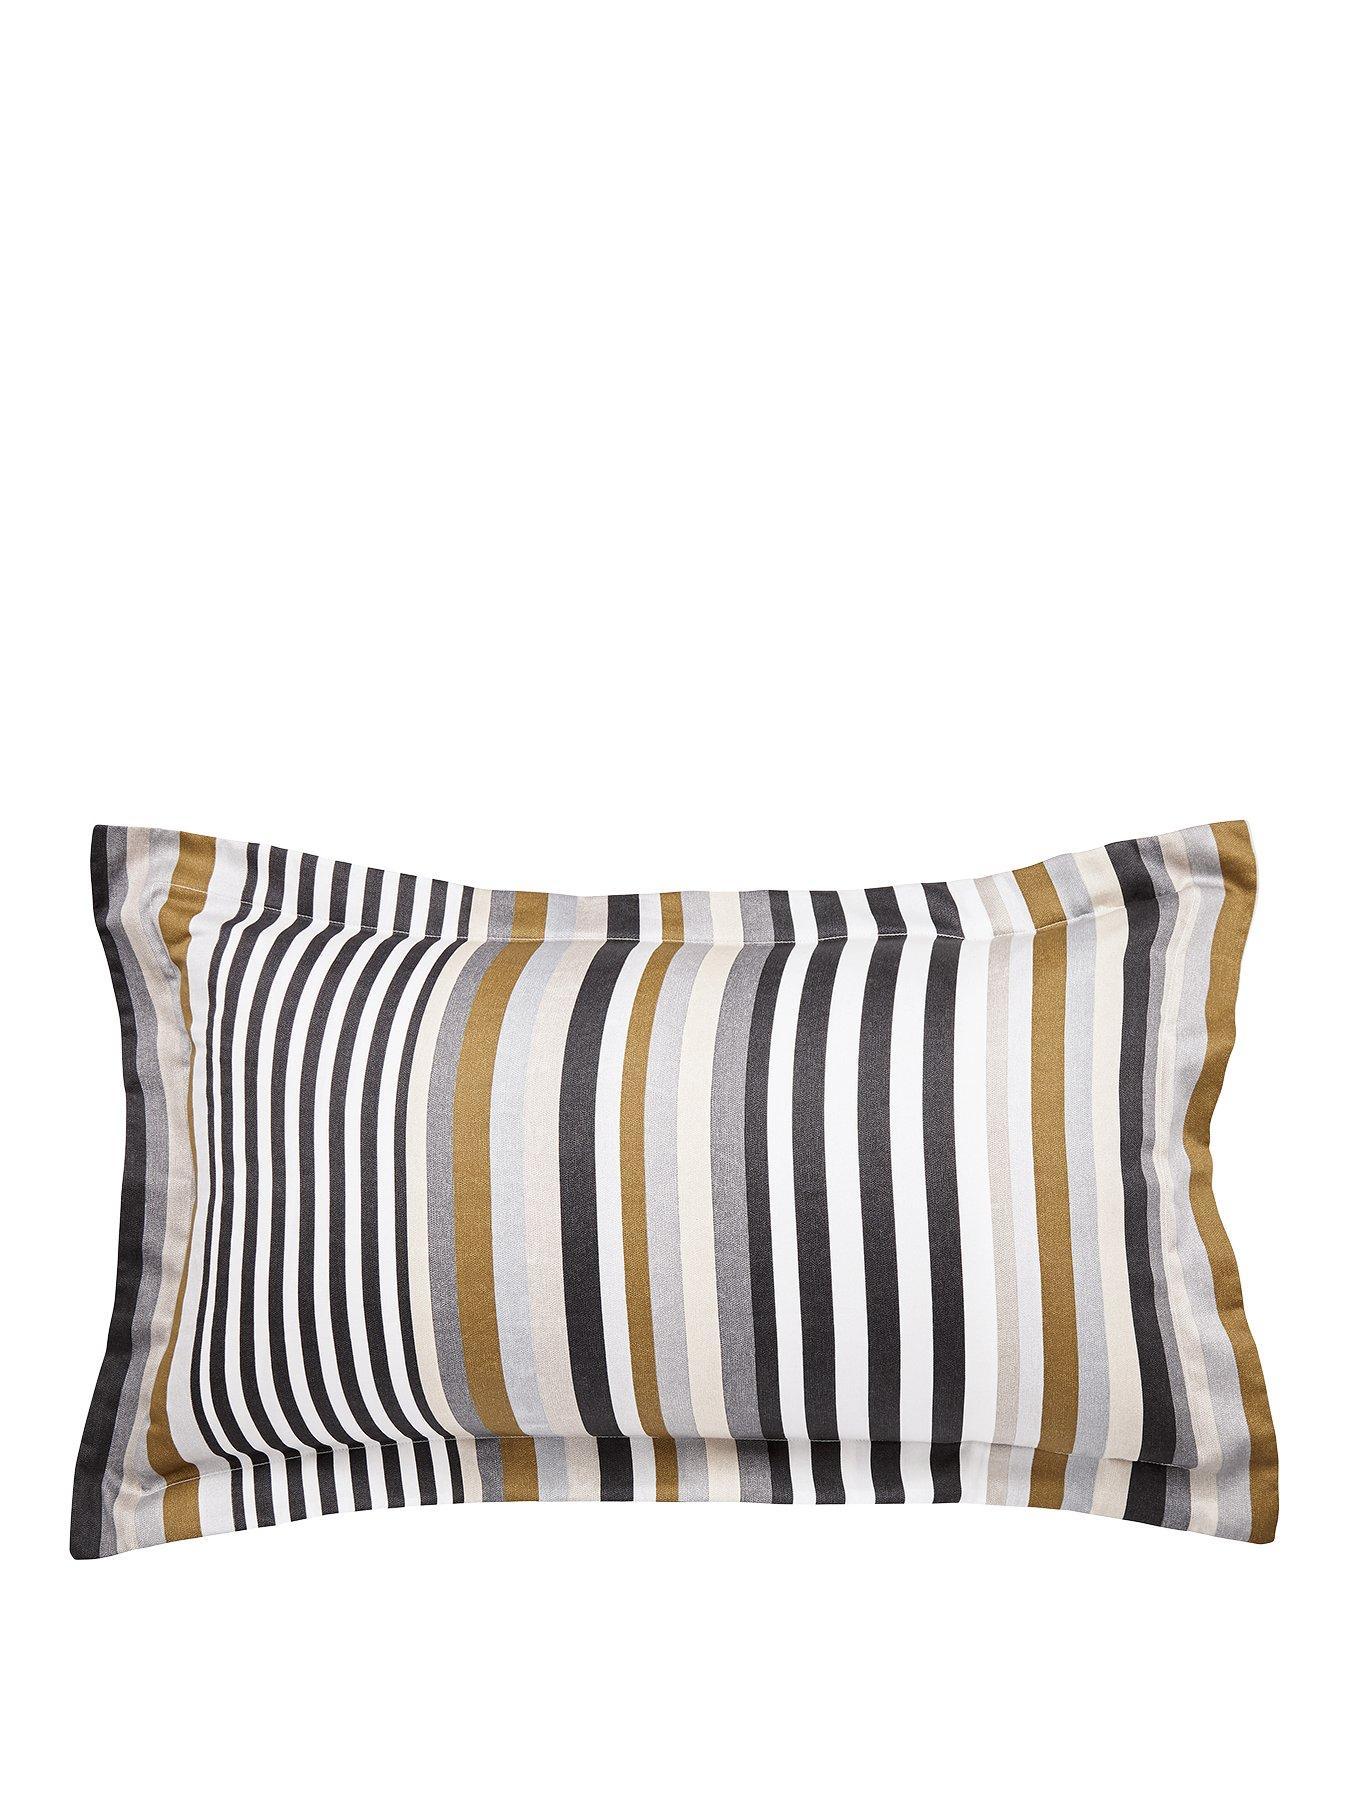 Harlequin Rosita Ofxford Pillowcase